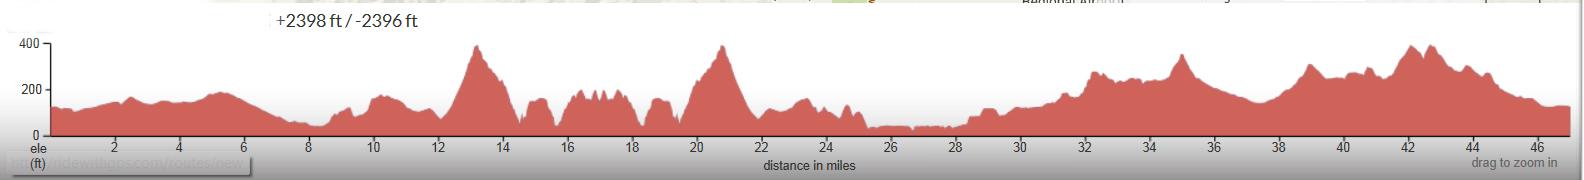 Montana-de-Oro-Cuesta-SLO-Elevation-Profile